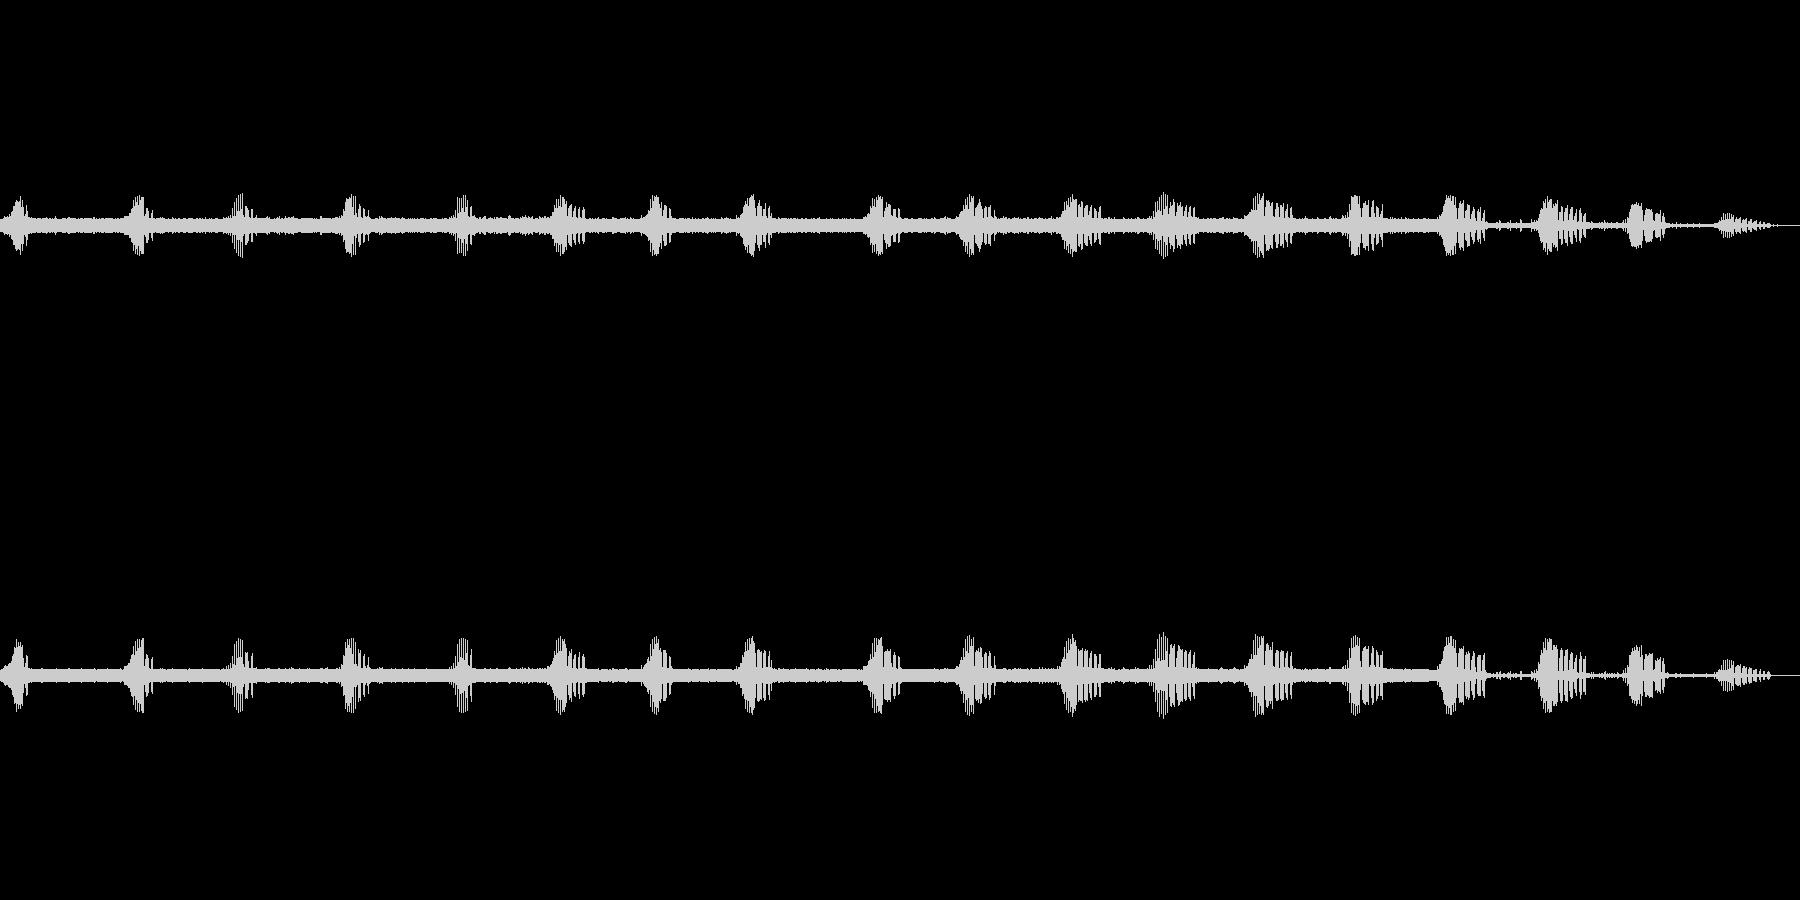 エンマコオロギの声1の未再生の波形